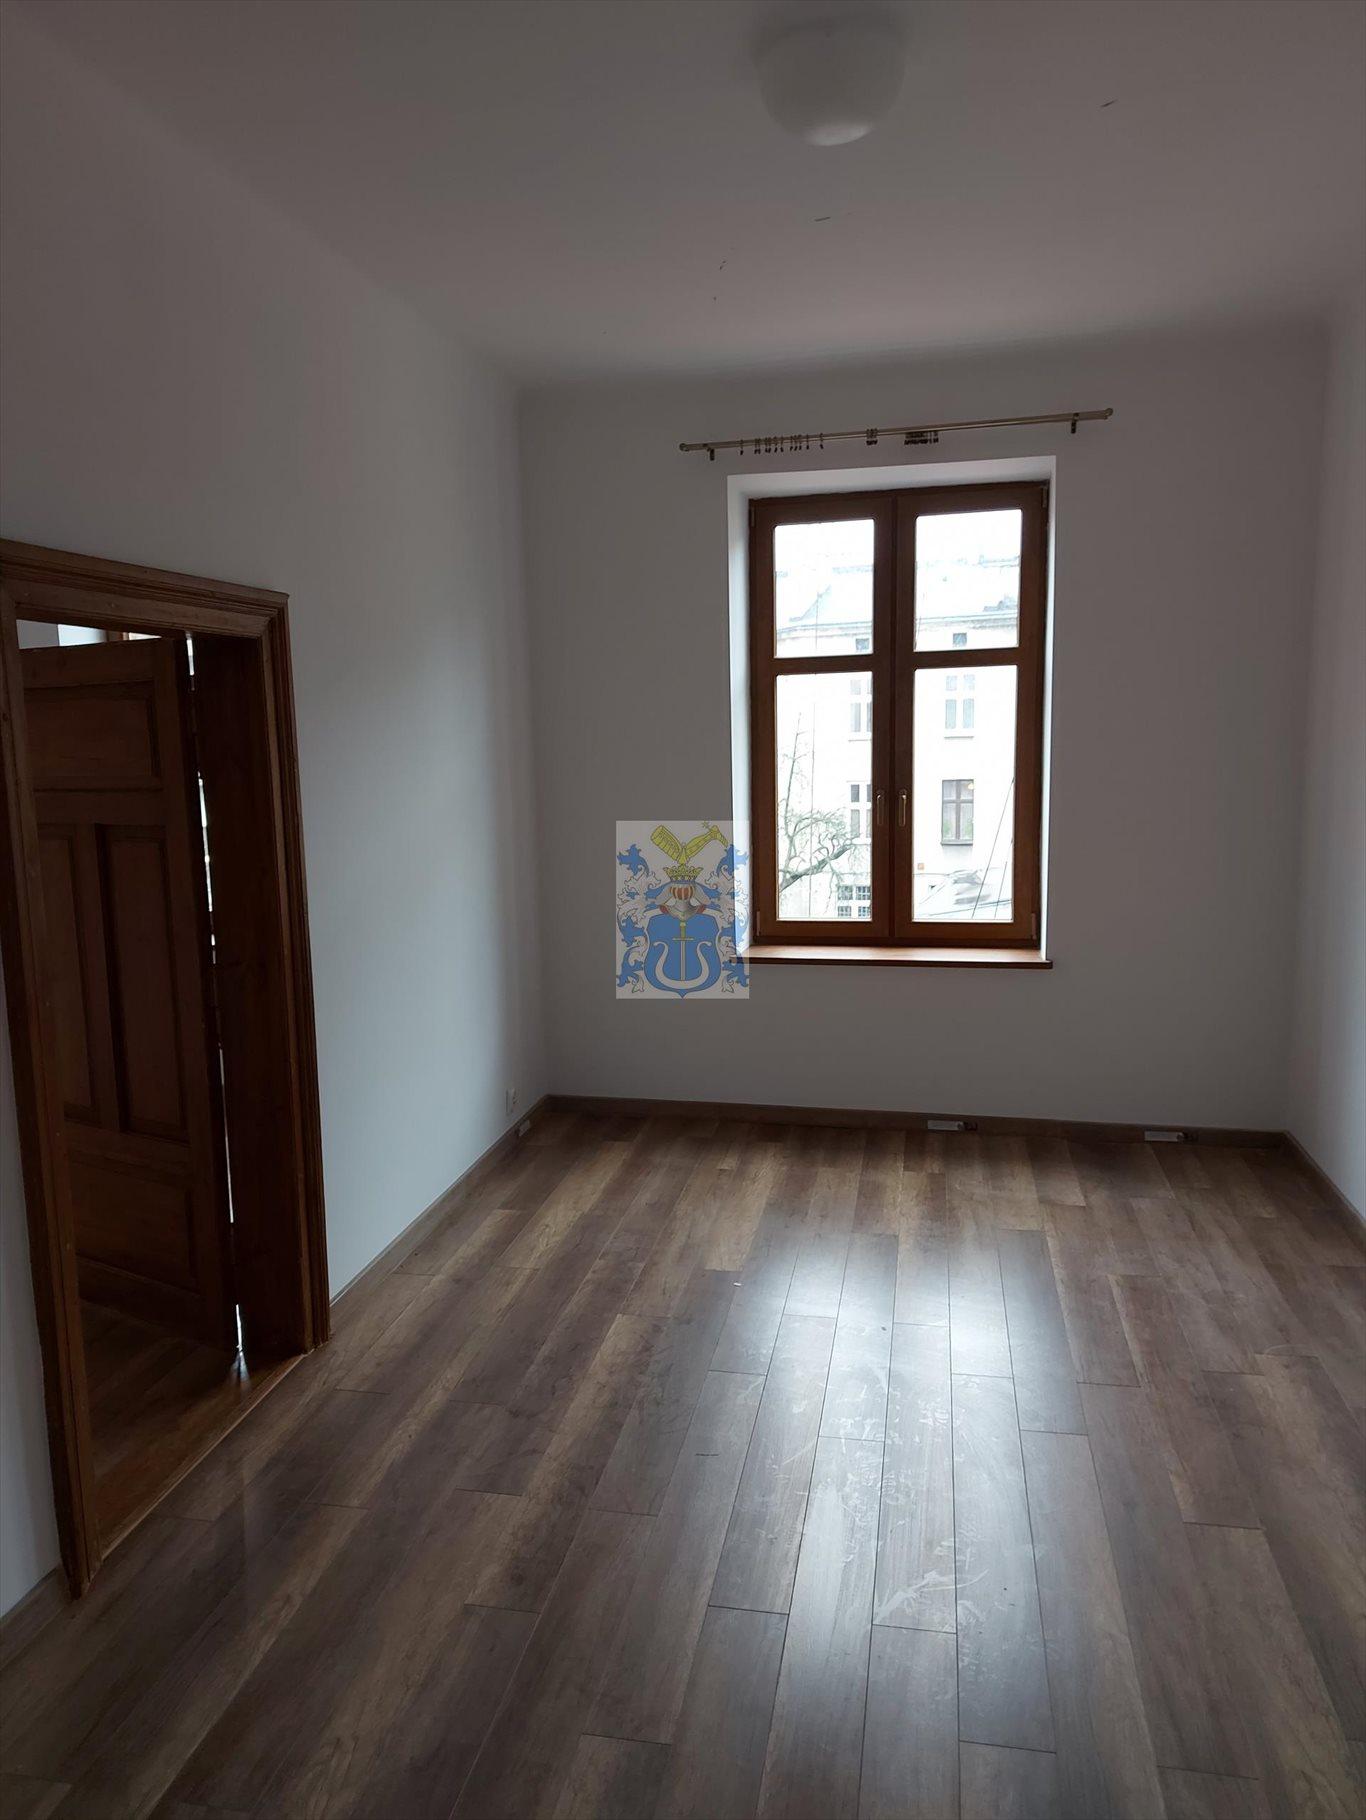 Lokal użytkowy na wynajem Kraków, Kraków-Śródmieście, Grzegórzki, Grzegórzecka  145m2 Foto 5